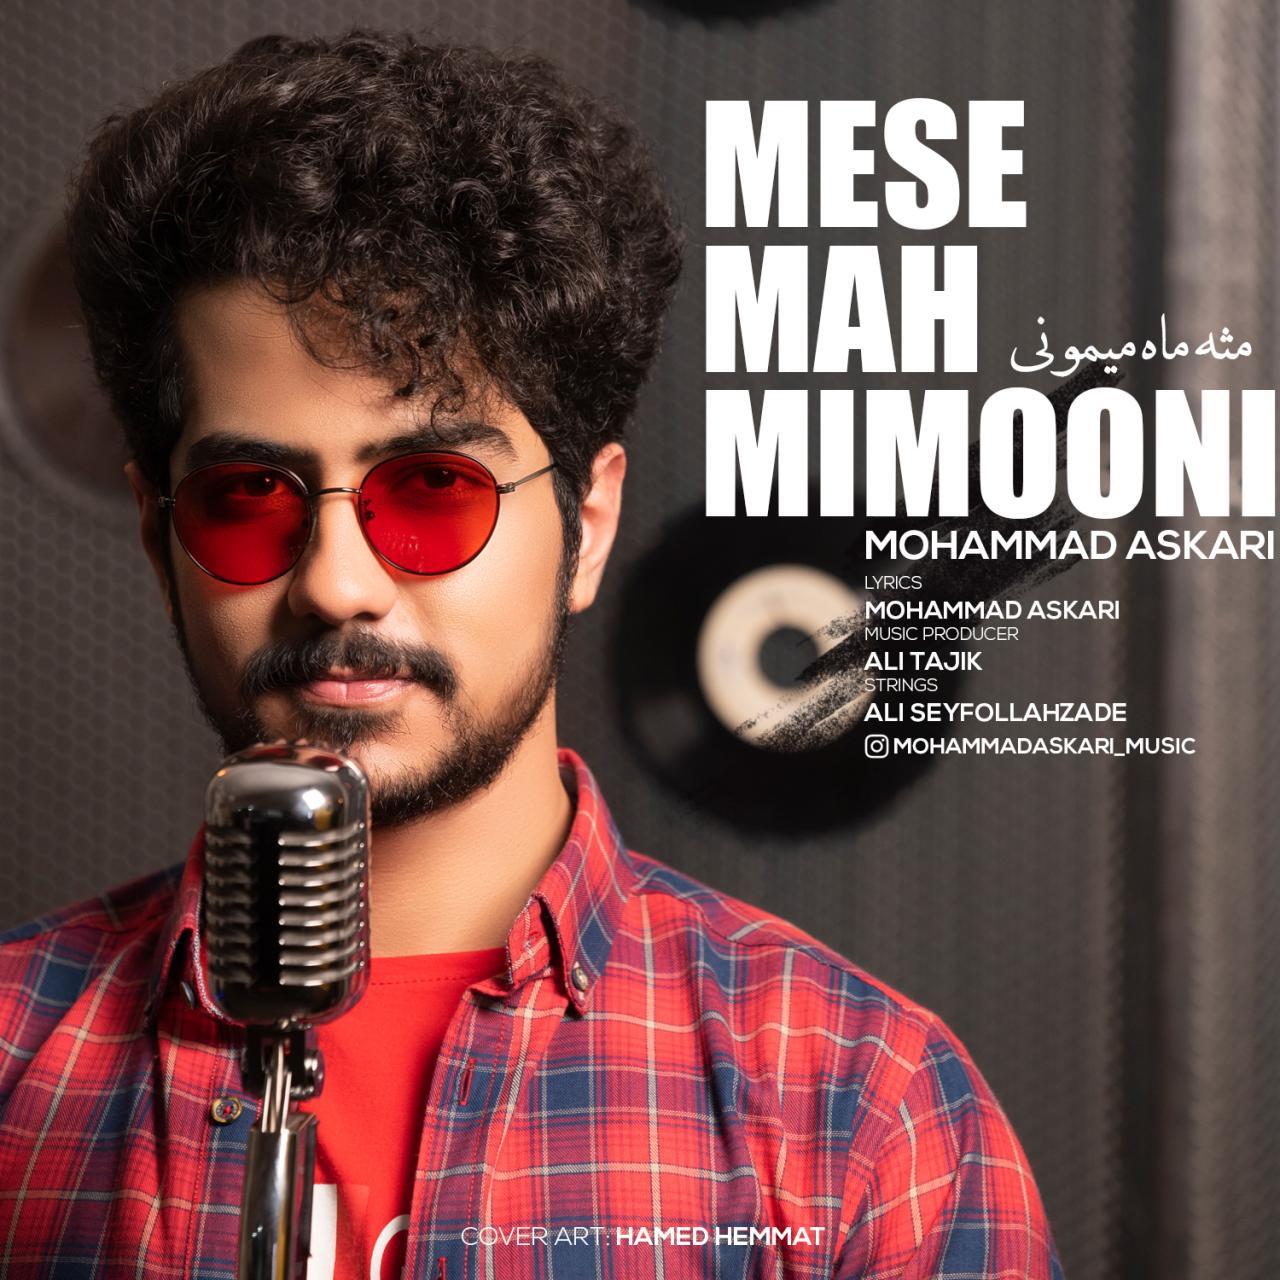 Mohammad Askari – Mese Mah Mimooni